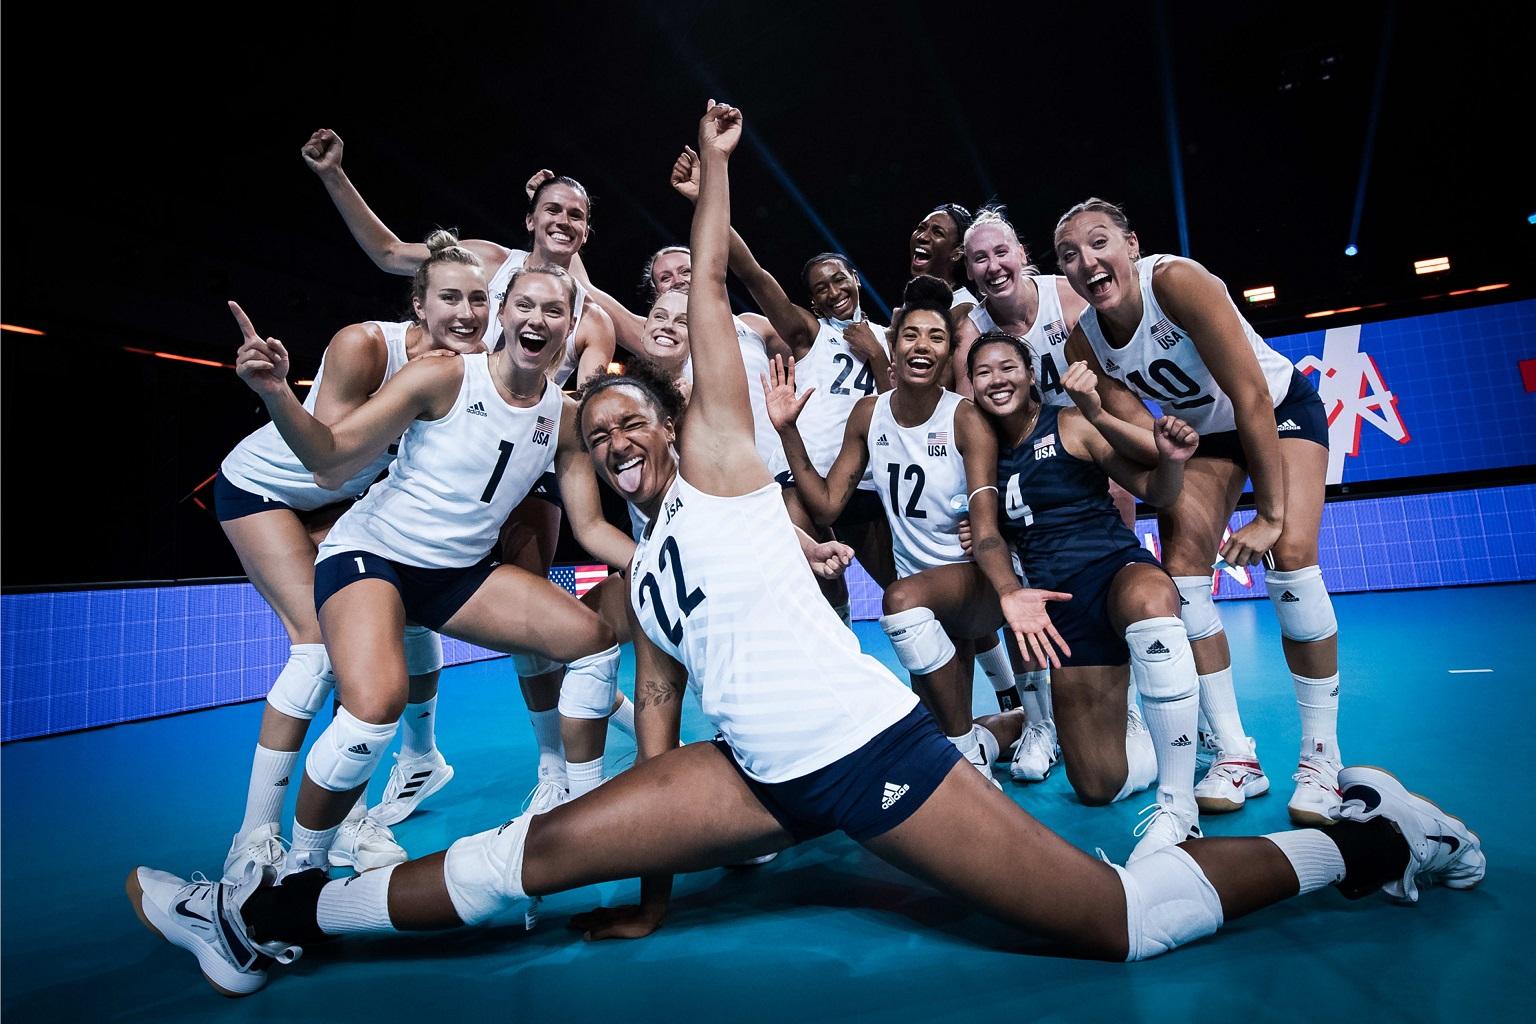 thumbnail do Álbum Liga das Nações 2021 - Semifinal 2: EUA 3 x 0 Japão